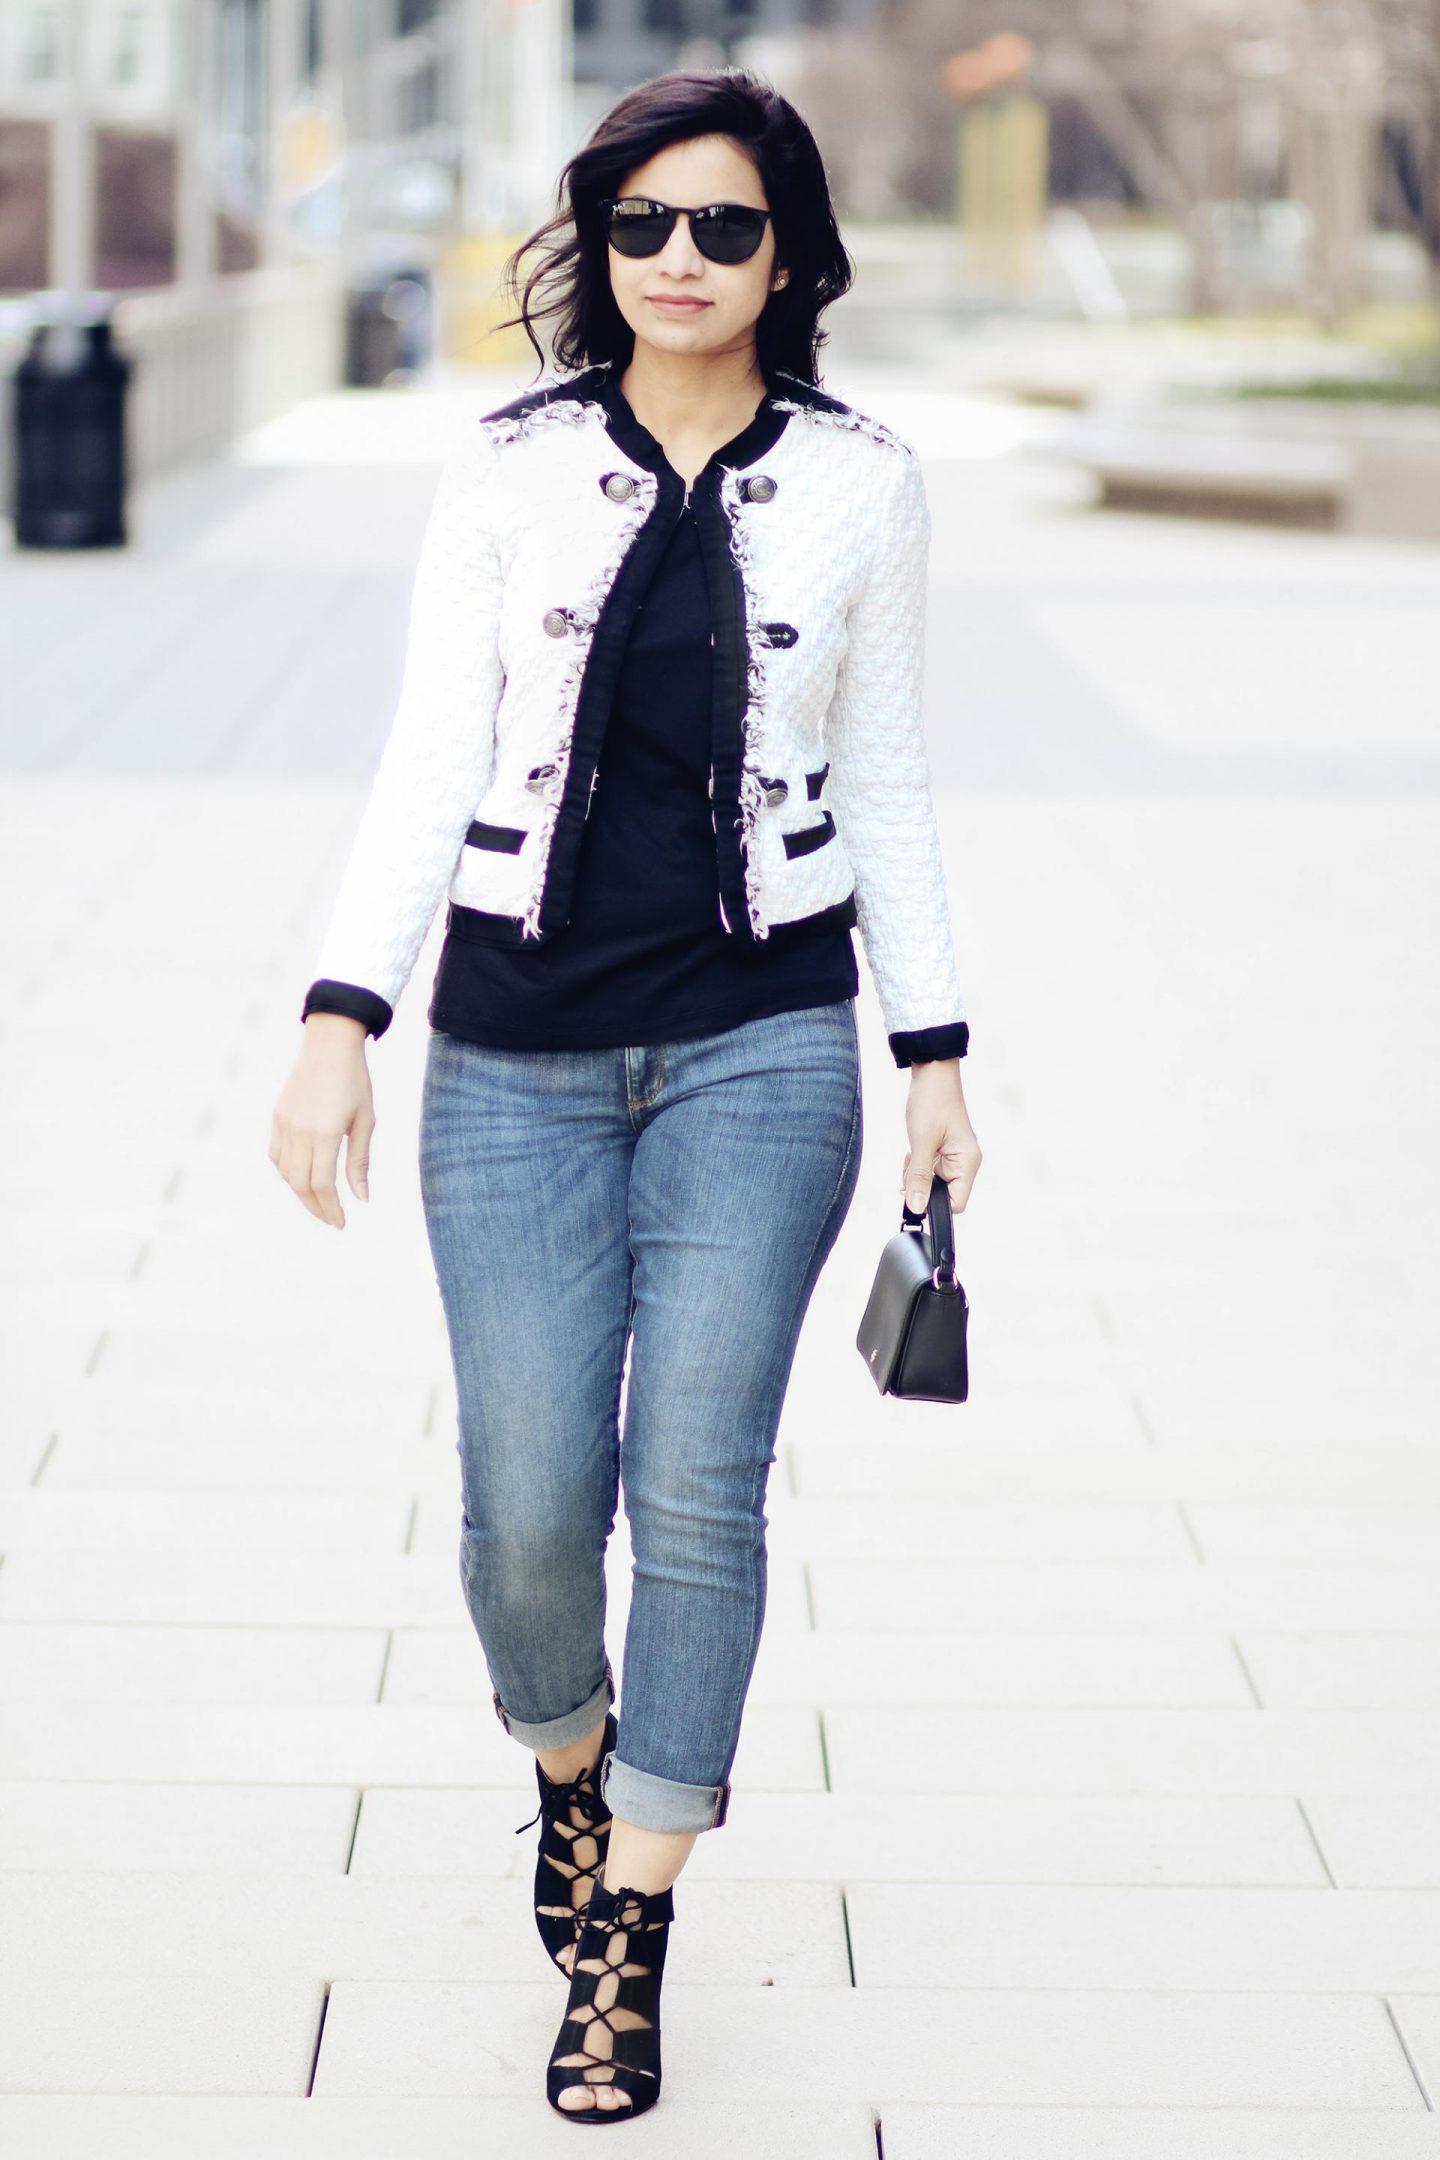 Chanel Style Jacket Styleroundtheclock